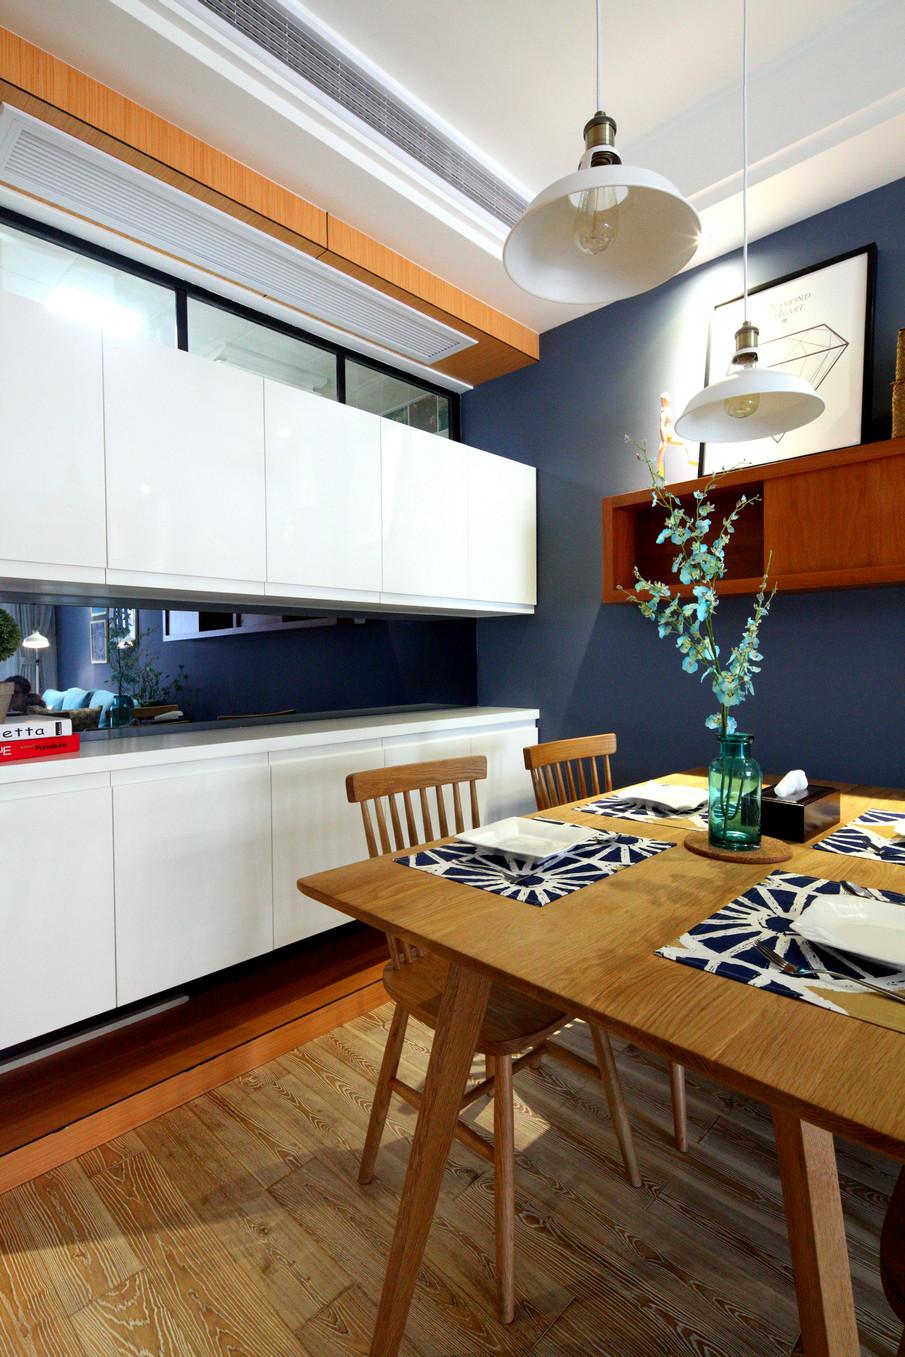 大胆的蓝色墙面搭配直逼自然的柔和色彩,在组合设计上注意空间搭配,充分利用每一寸空间,且不显局促、不失大气,解放了开放式自由空间;集装饰与应用于一体,在柜门等组合搭配上避免琐碎,显得大方、自然,其特有的罗马柱般的装饰线简洁明快。?